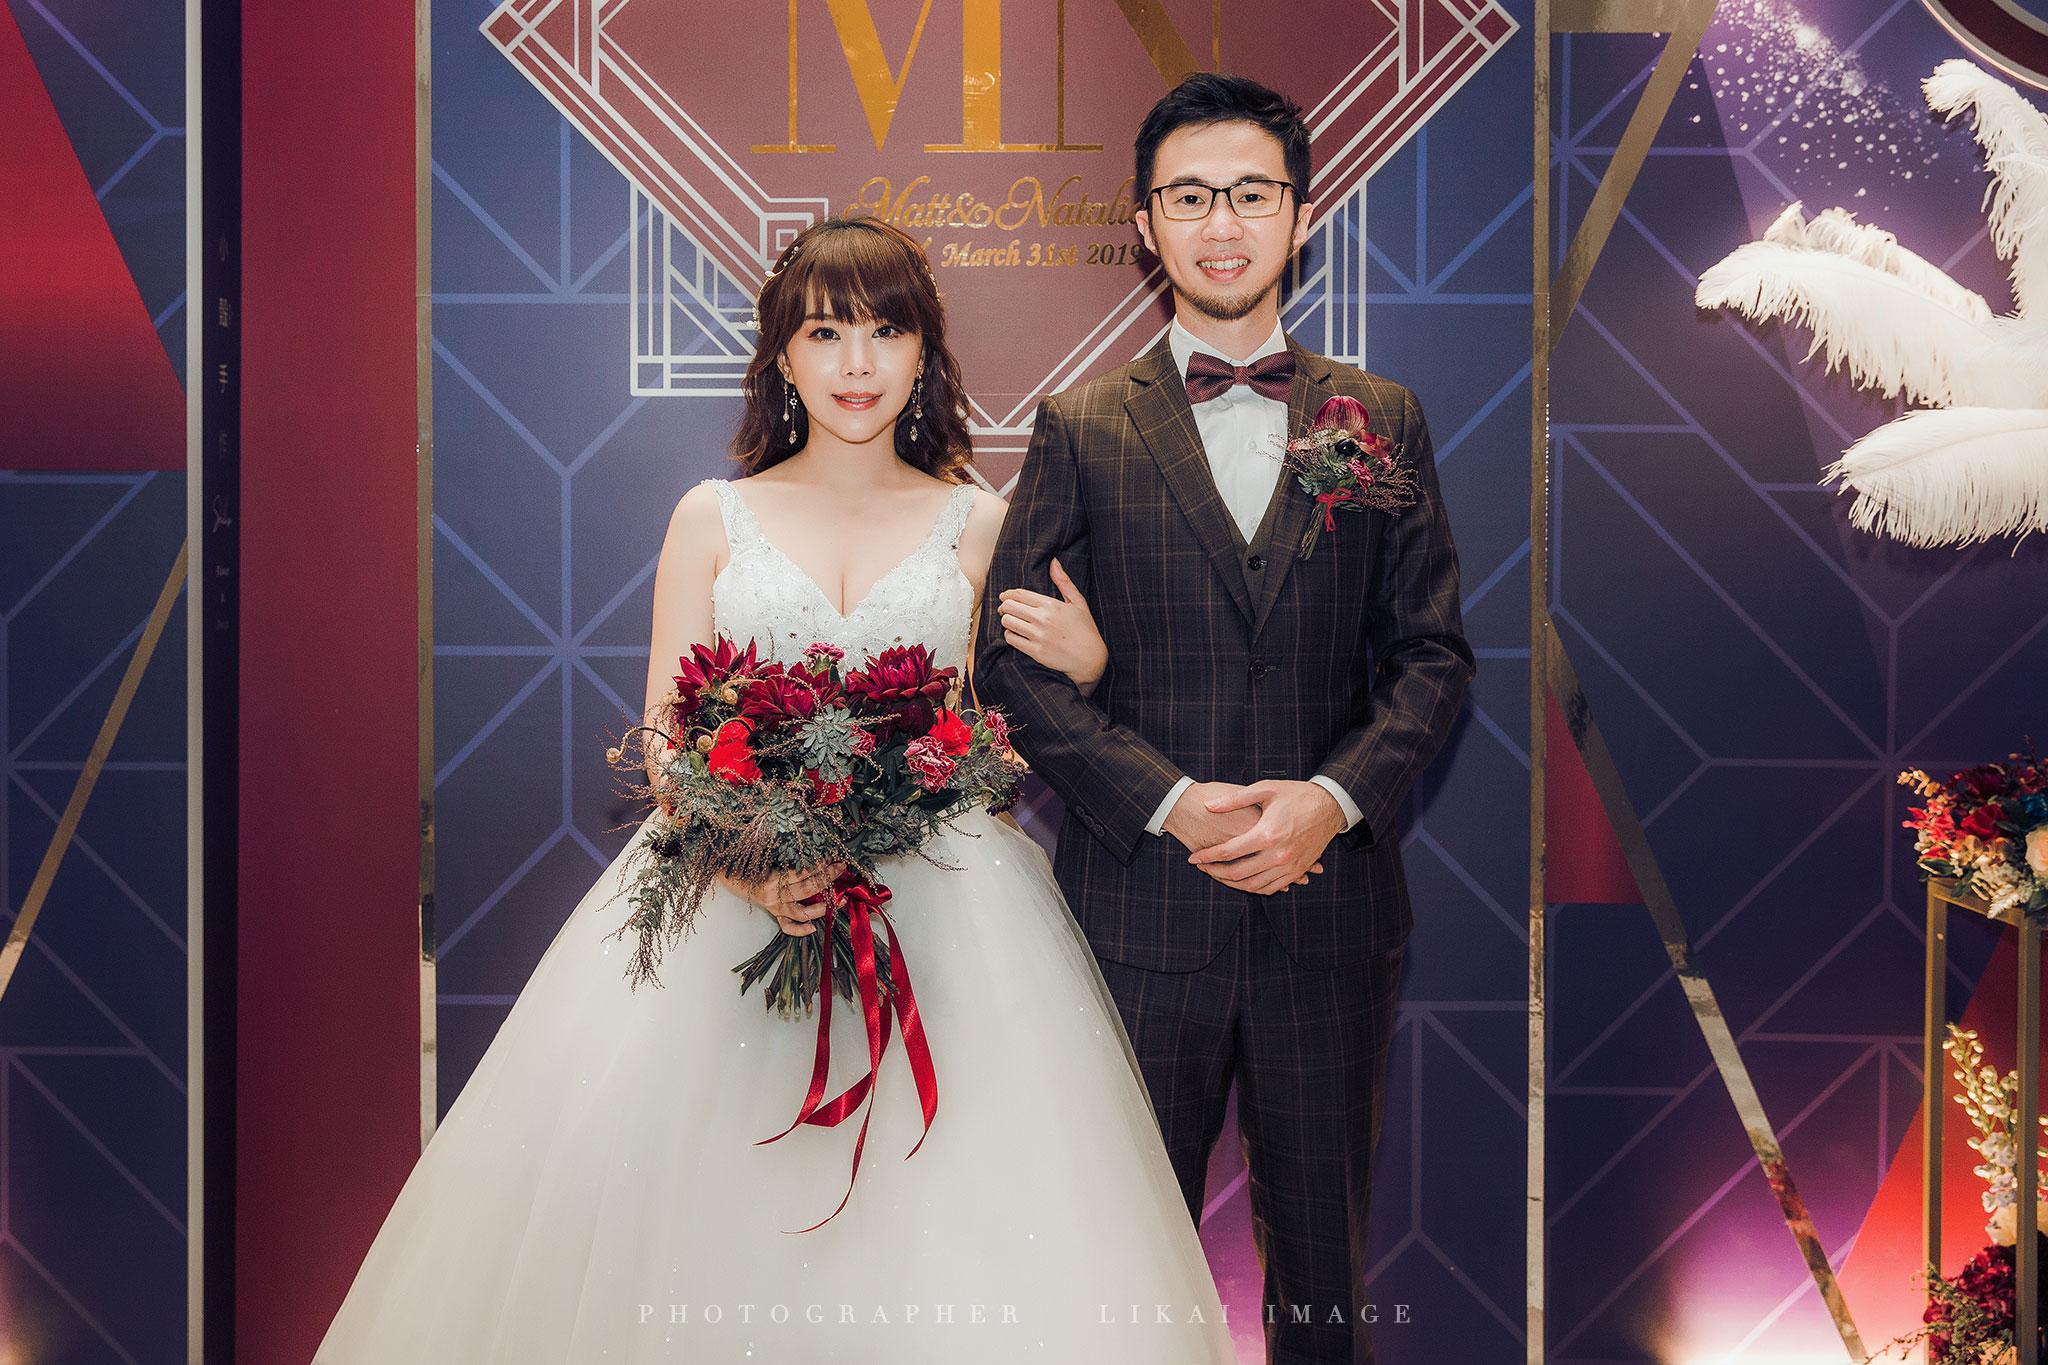 婚禮紀錄 - Natalie & Matt - 格萊天漾大飯店